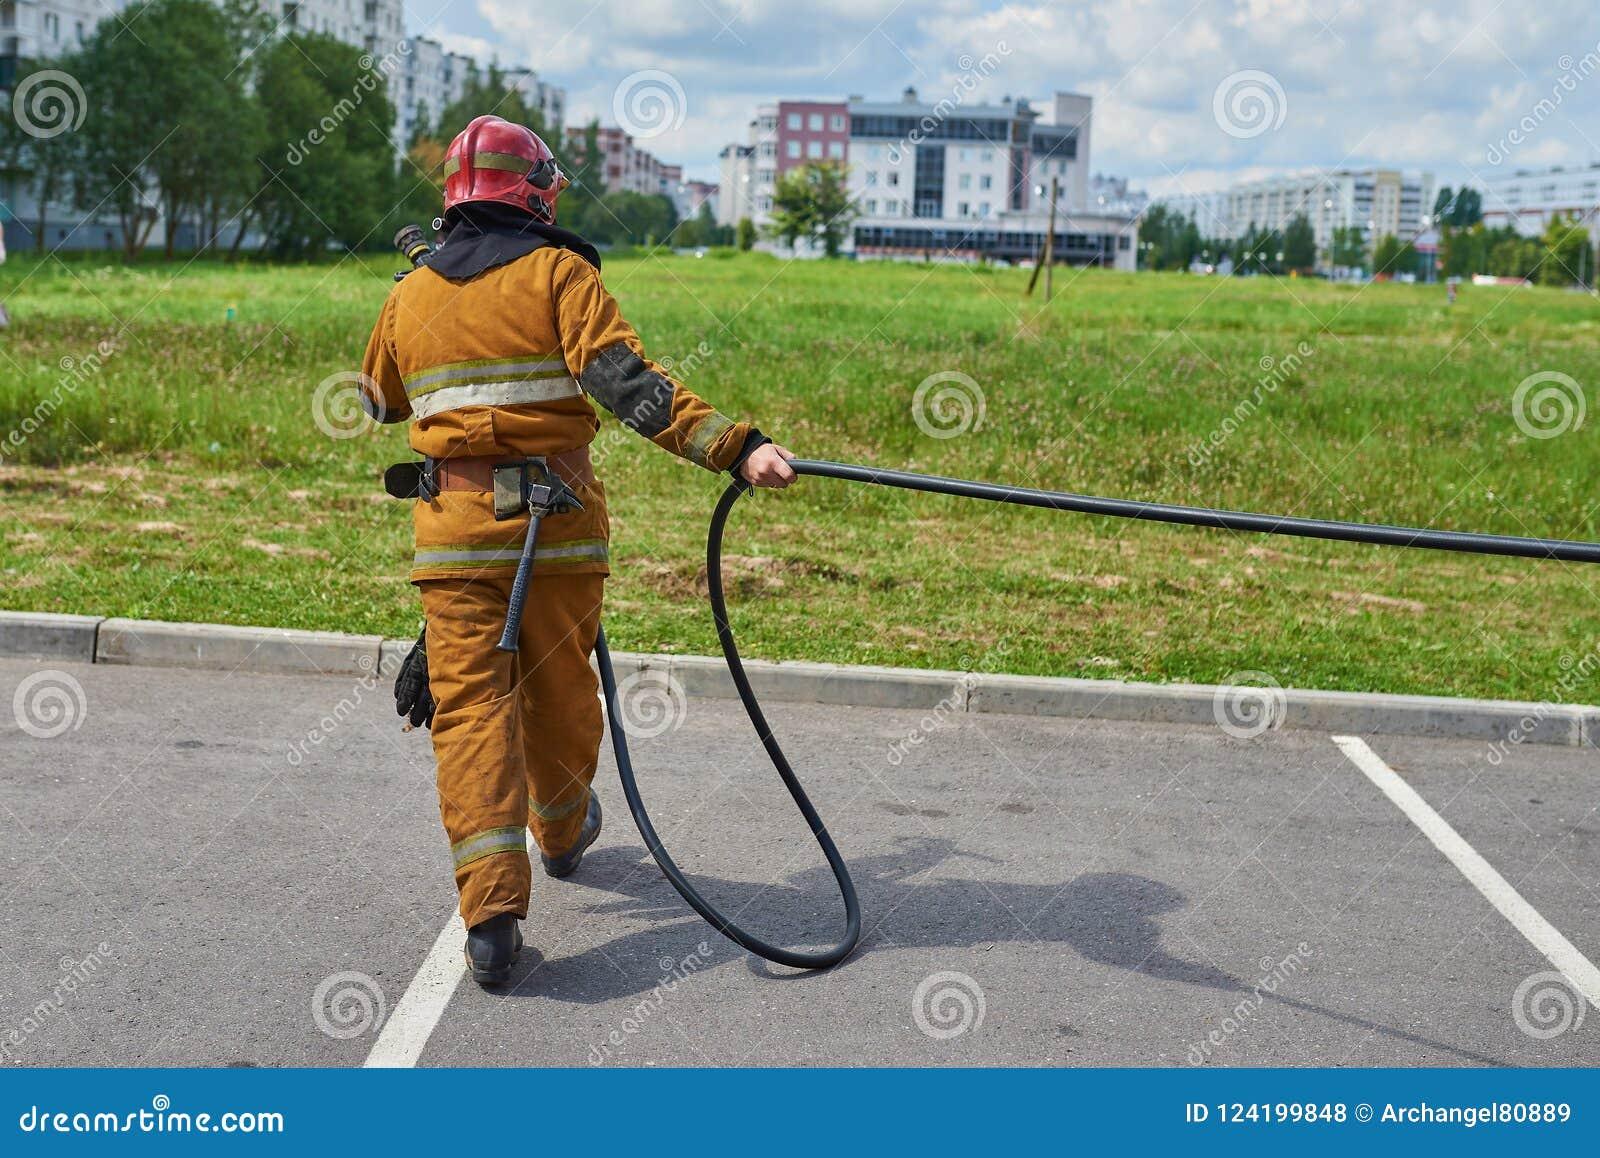 El bombero de sexo masculino tira de la manguera